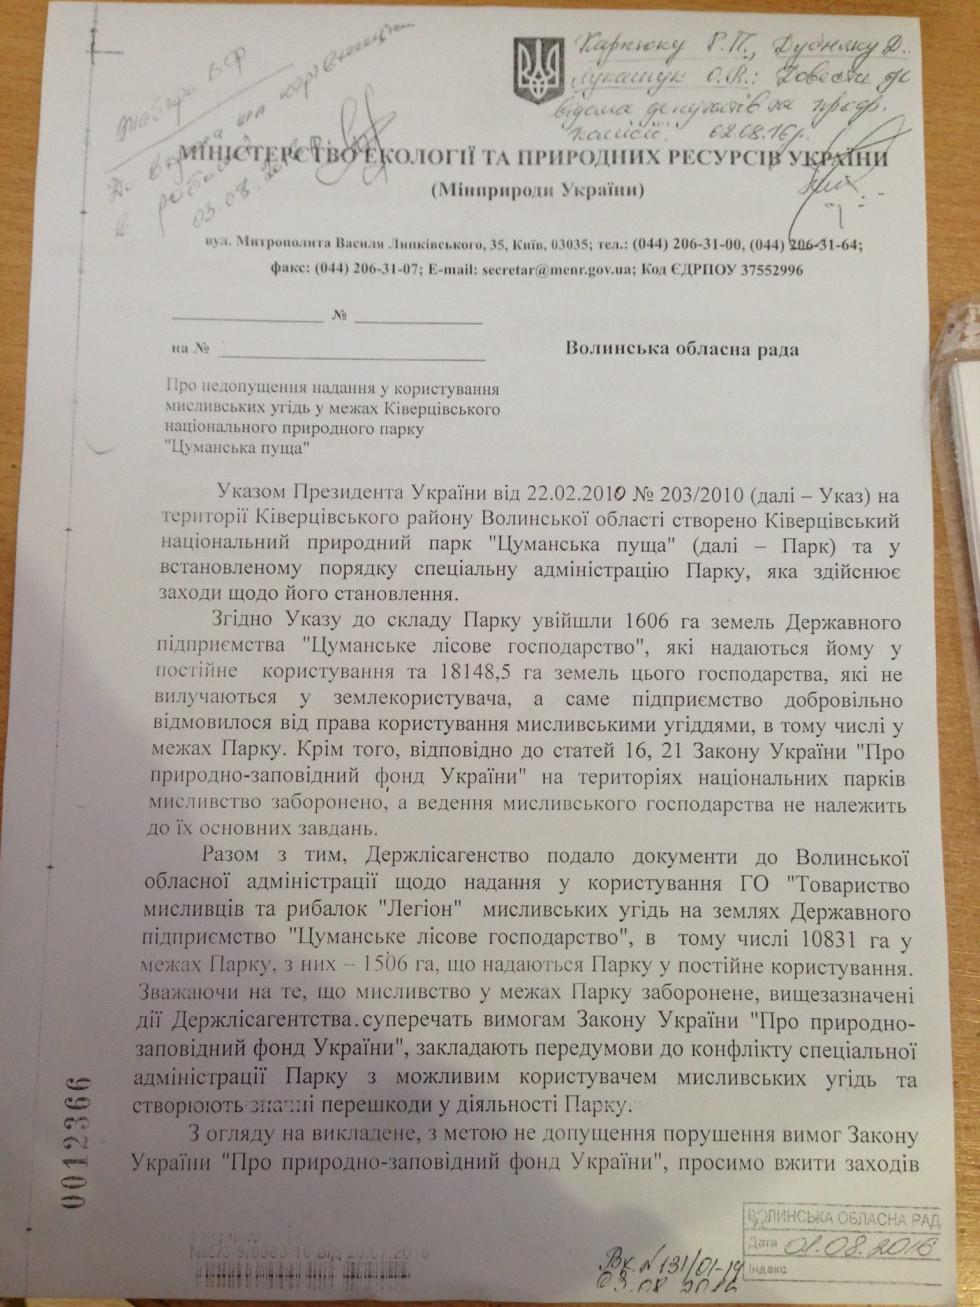 Лист Мінекології до Волинської обласної ради щодо запобігання прийняття рішення про передачу територій Нацпарку у приватні мисливські угіддя